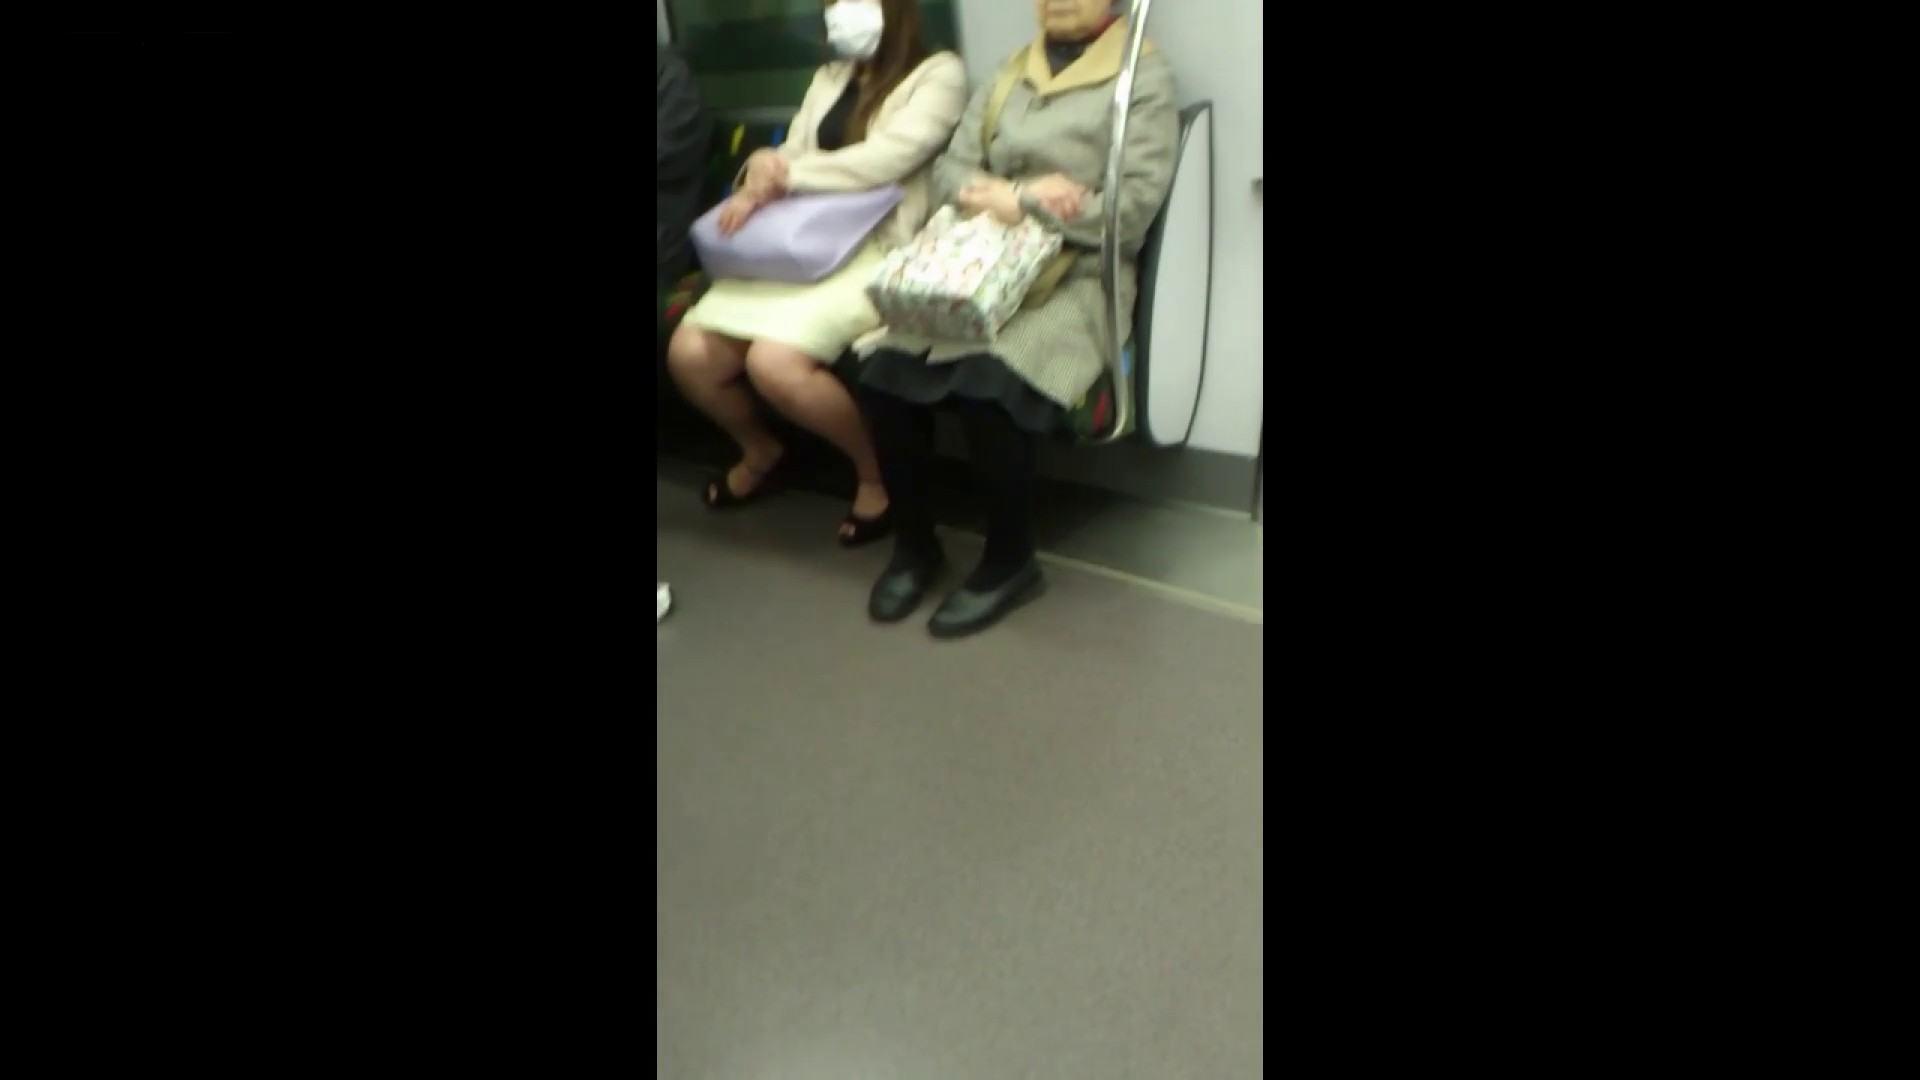 盗撮列車 Vol.55 黄色の爽やかなスカートが大好きです。 むっちり体型 オマンコ無修正動画無料 53画像 10